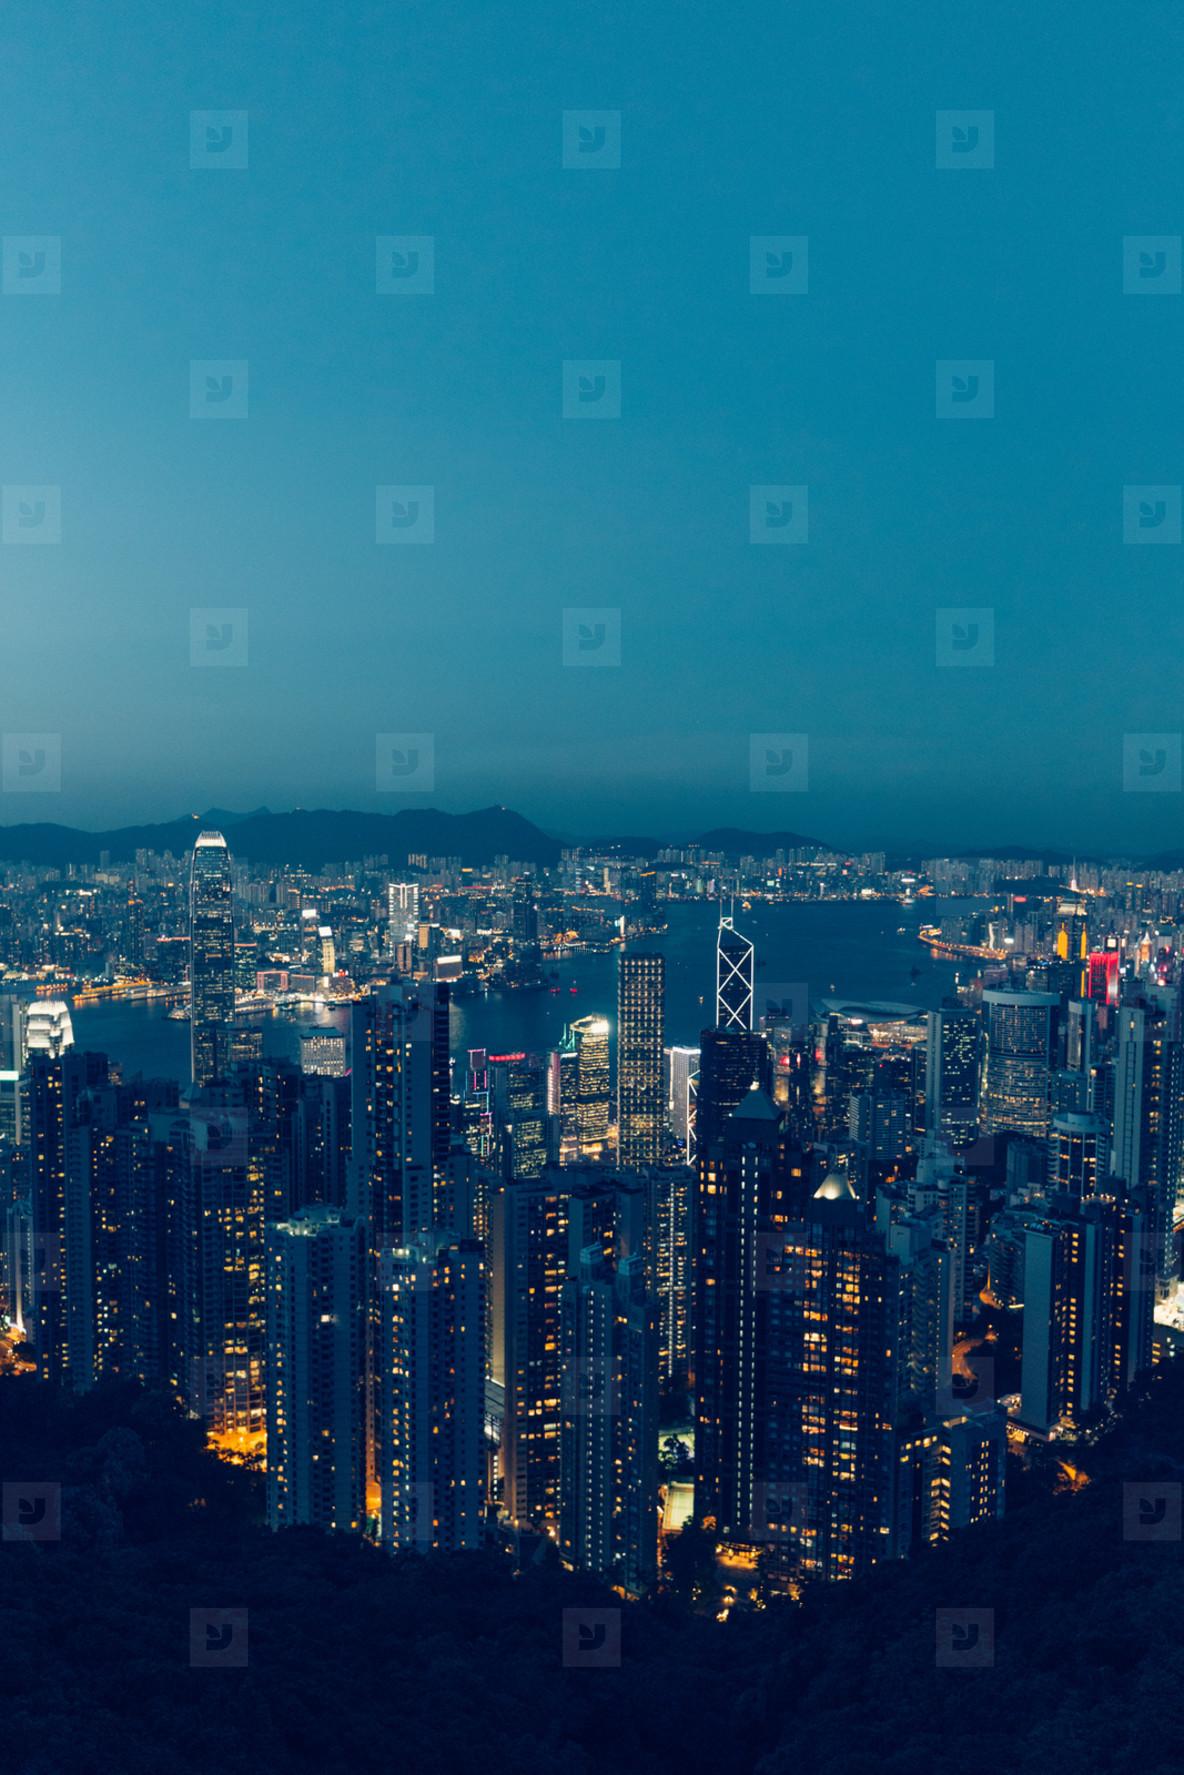 Hong Kong skyline at evening dusk sunset